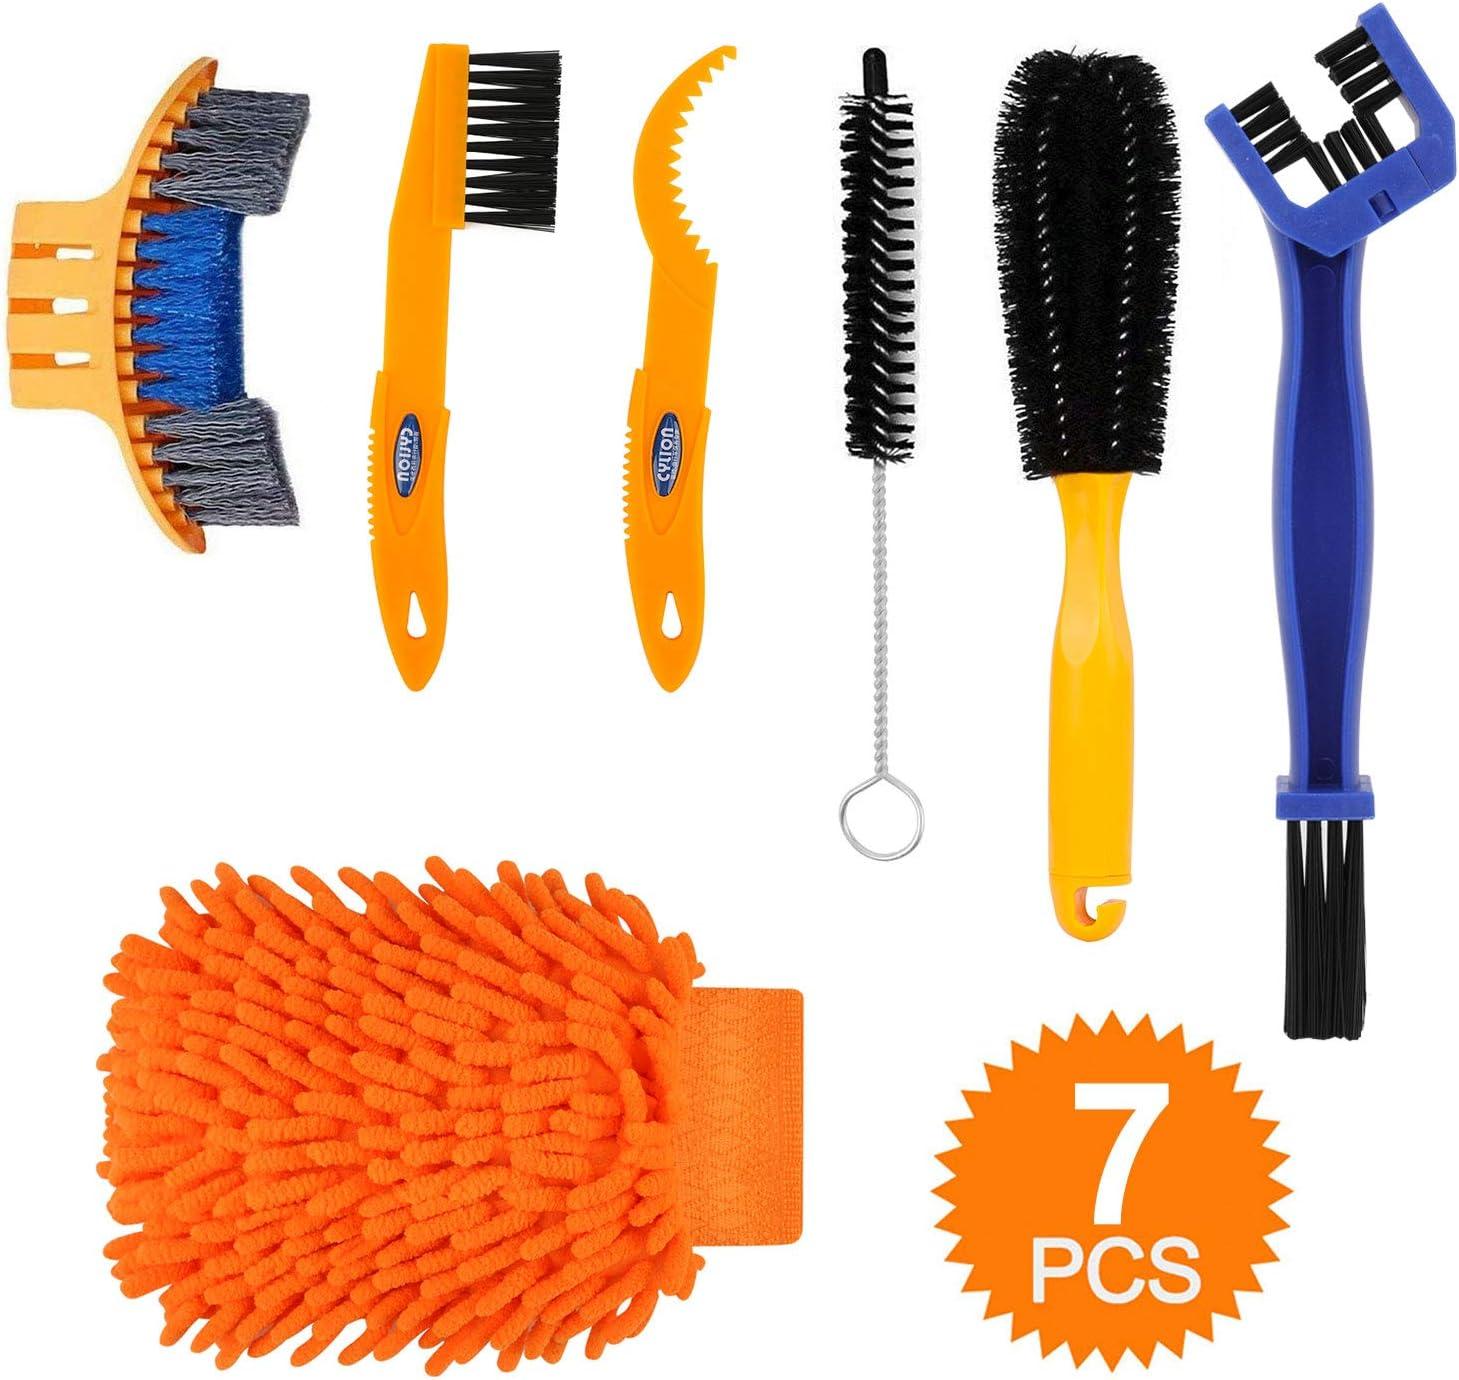 TAGVO - Juego de 6 herramientas de limpieza para bicicleta, kit de cepillo de limpieza de cadena de bicicleta, juego de herramientas para limpiar cadenas, neumáticos, piñones, ciclismo, esquinas, manc